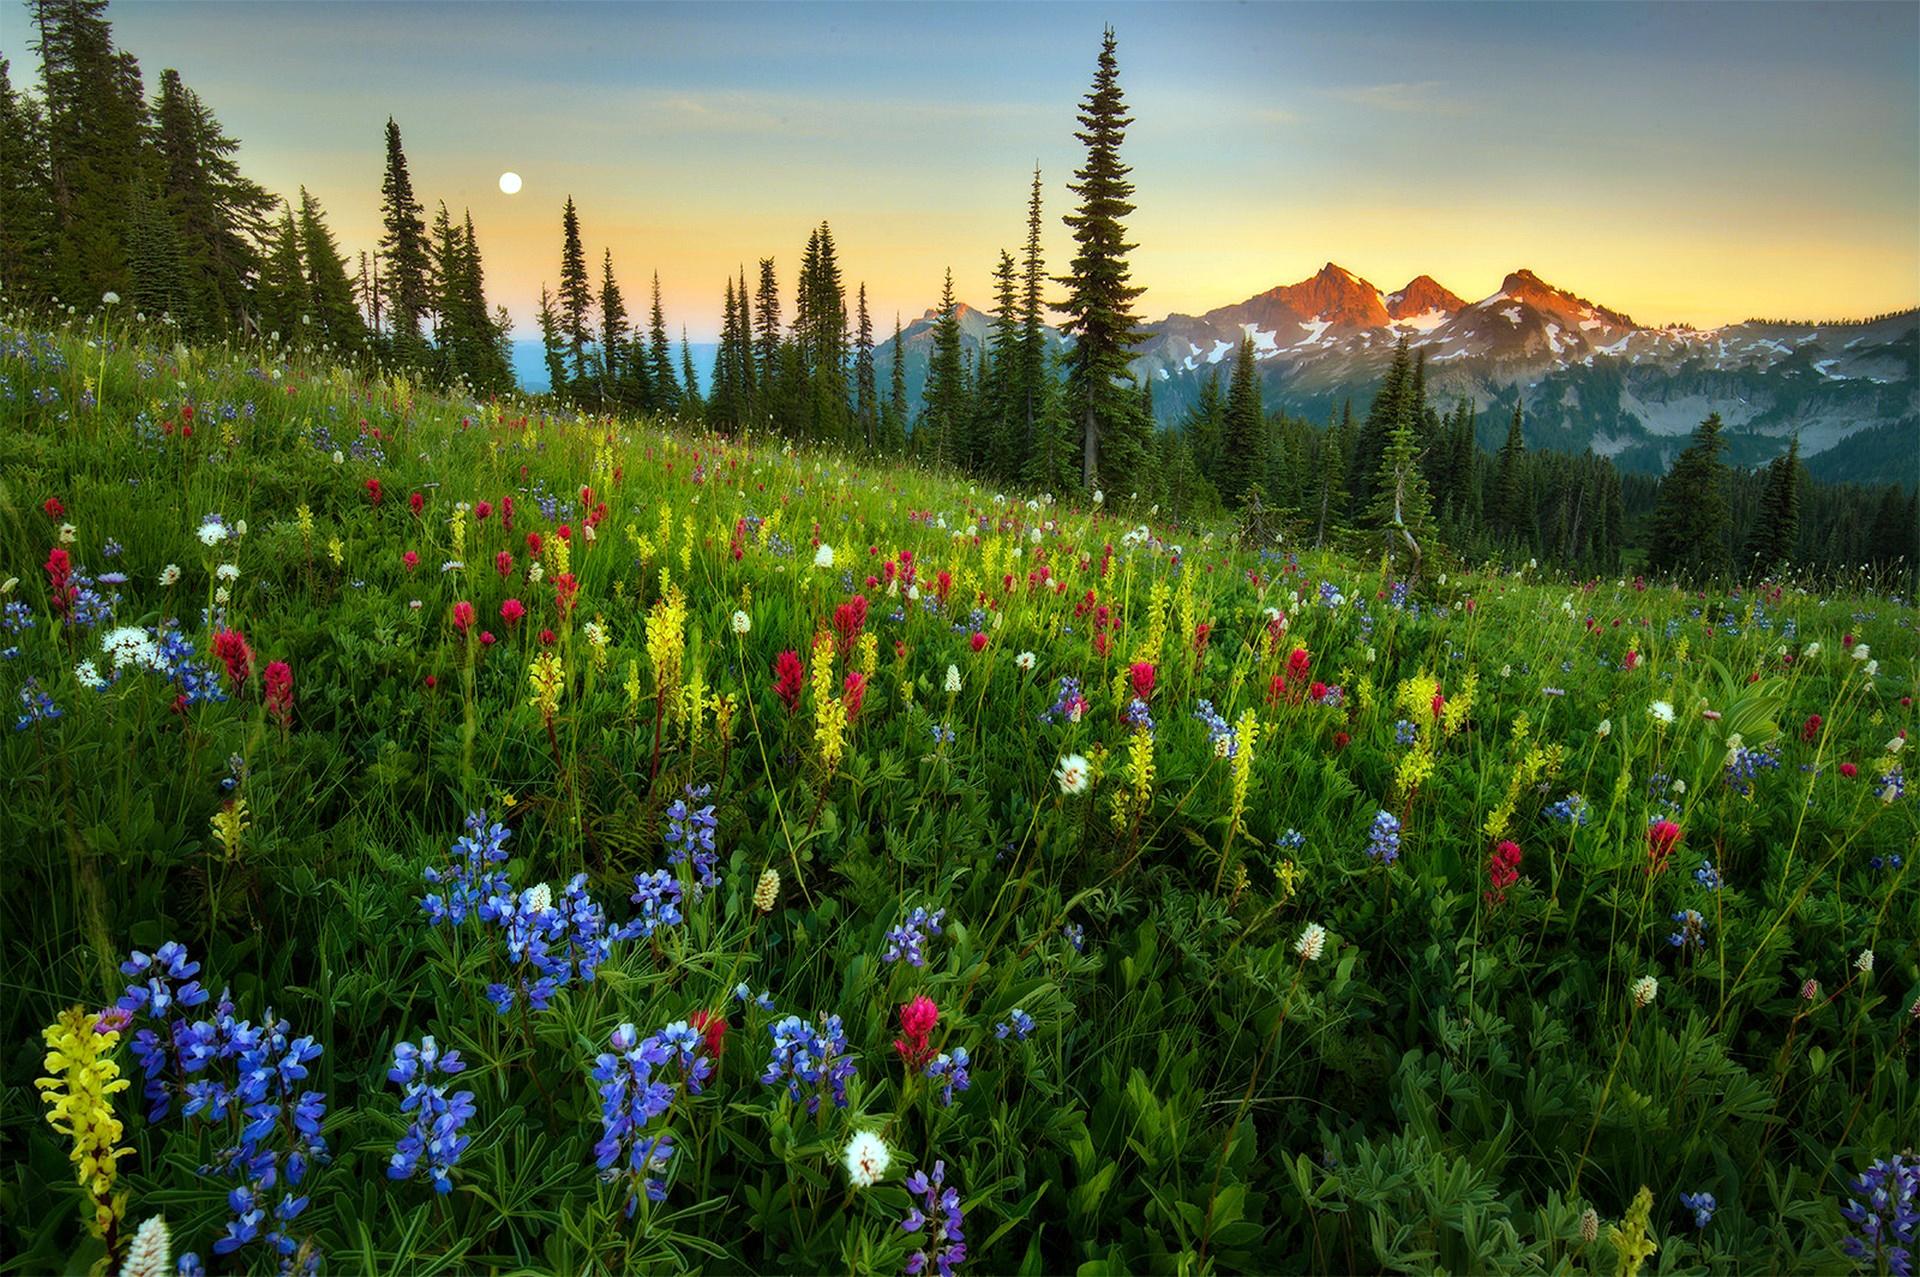 горизонтальной фотографии картинки с лугами и лесами решение для интерьера